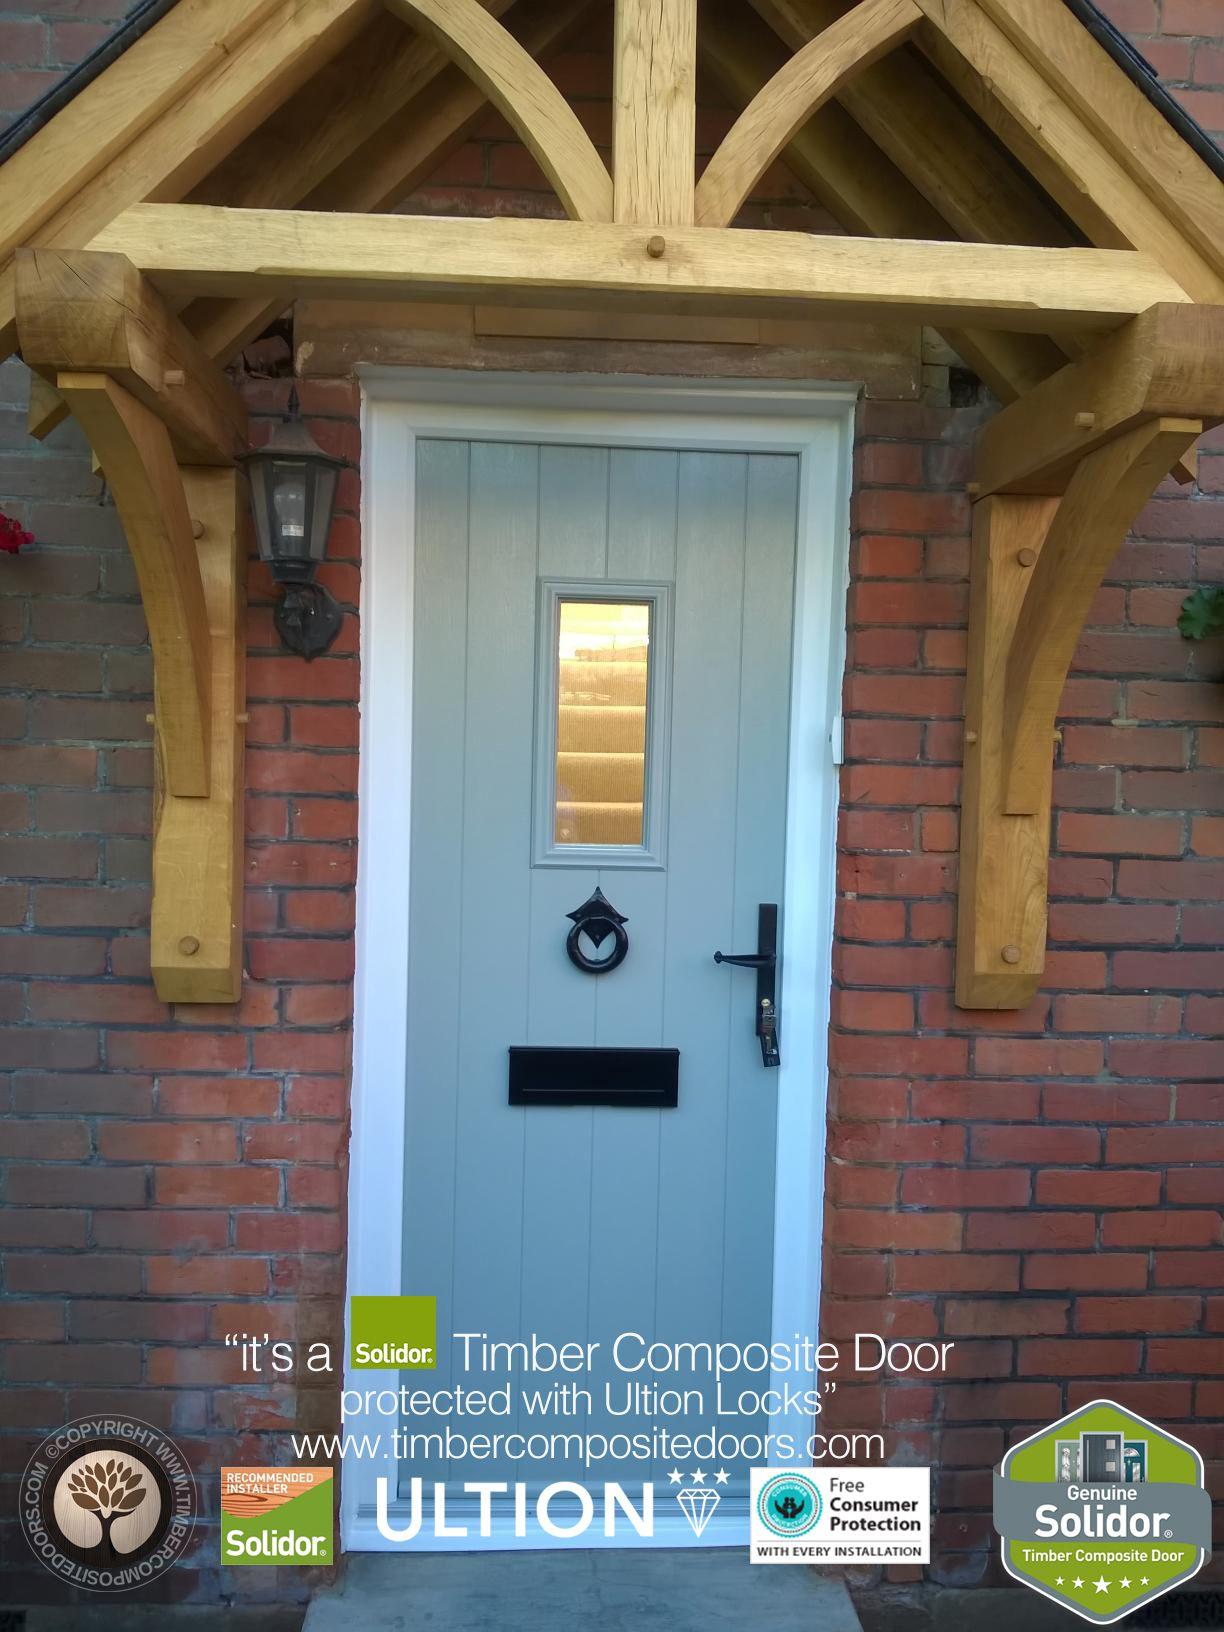 Painswick flint 2 solidor timber composite door solidor french painswick flint 2 solidor timber composite door rubansaba